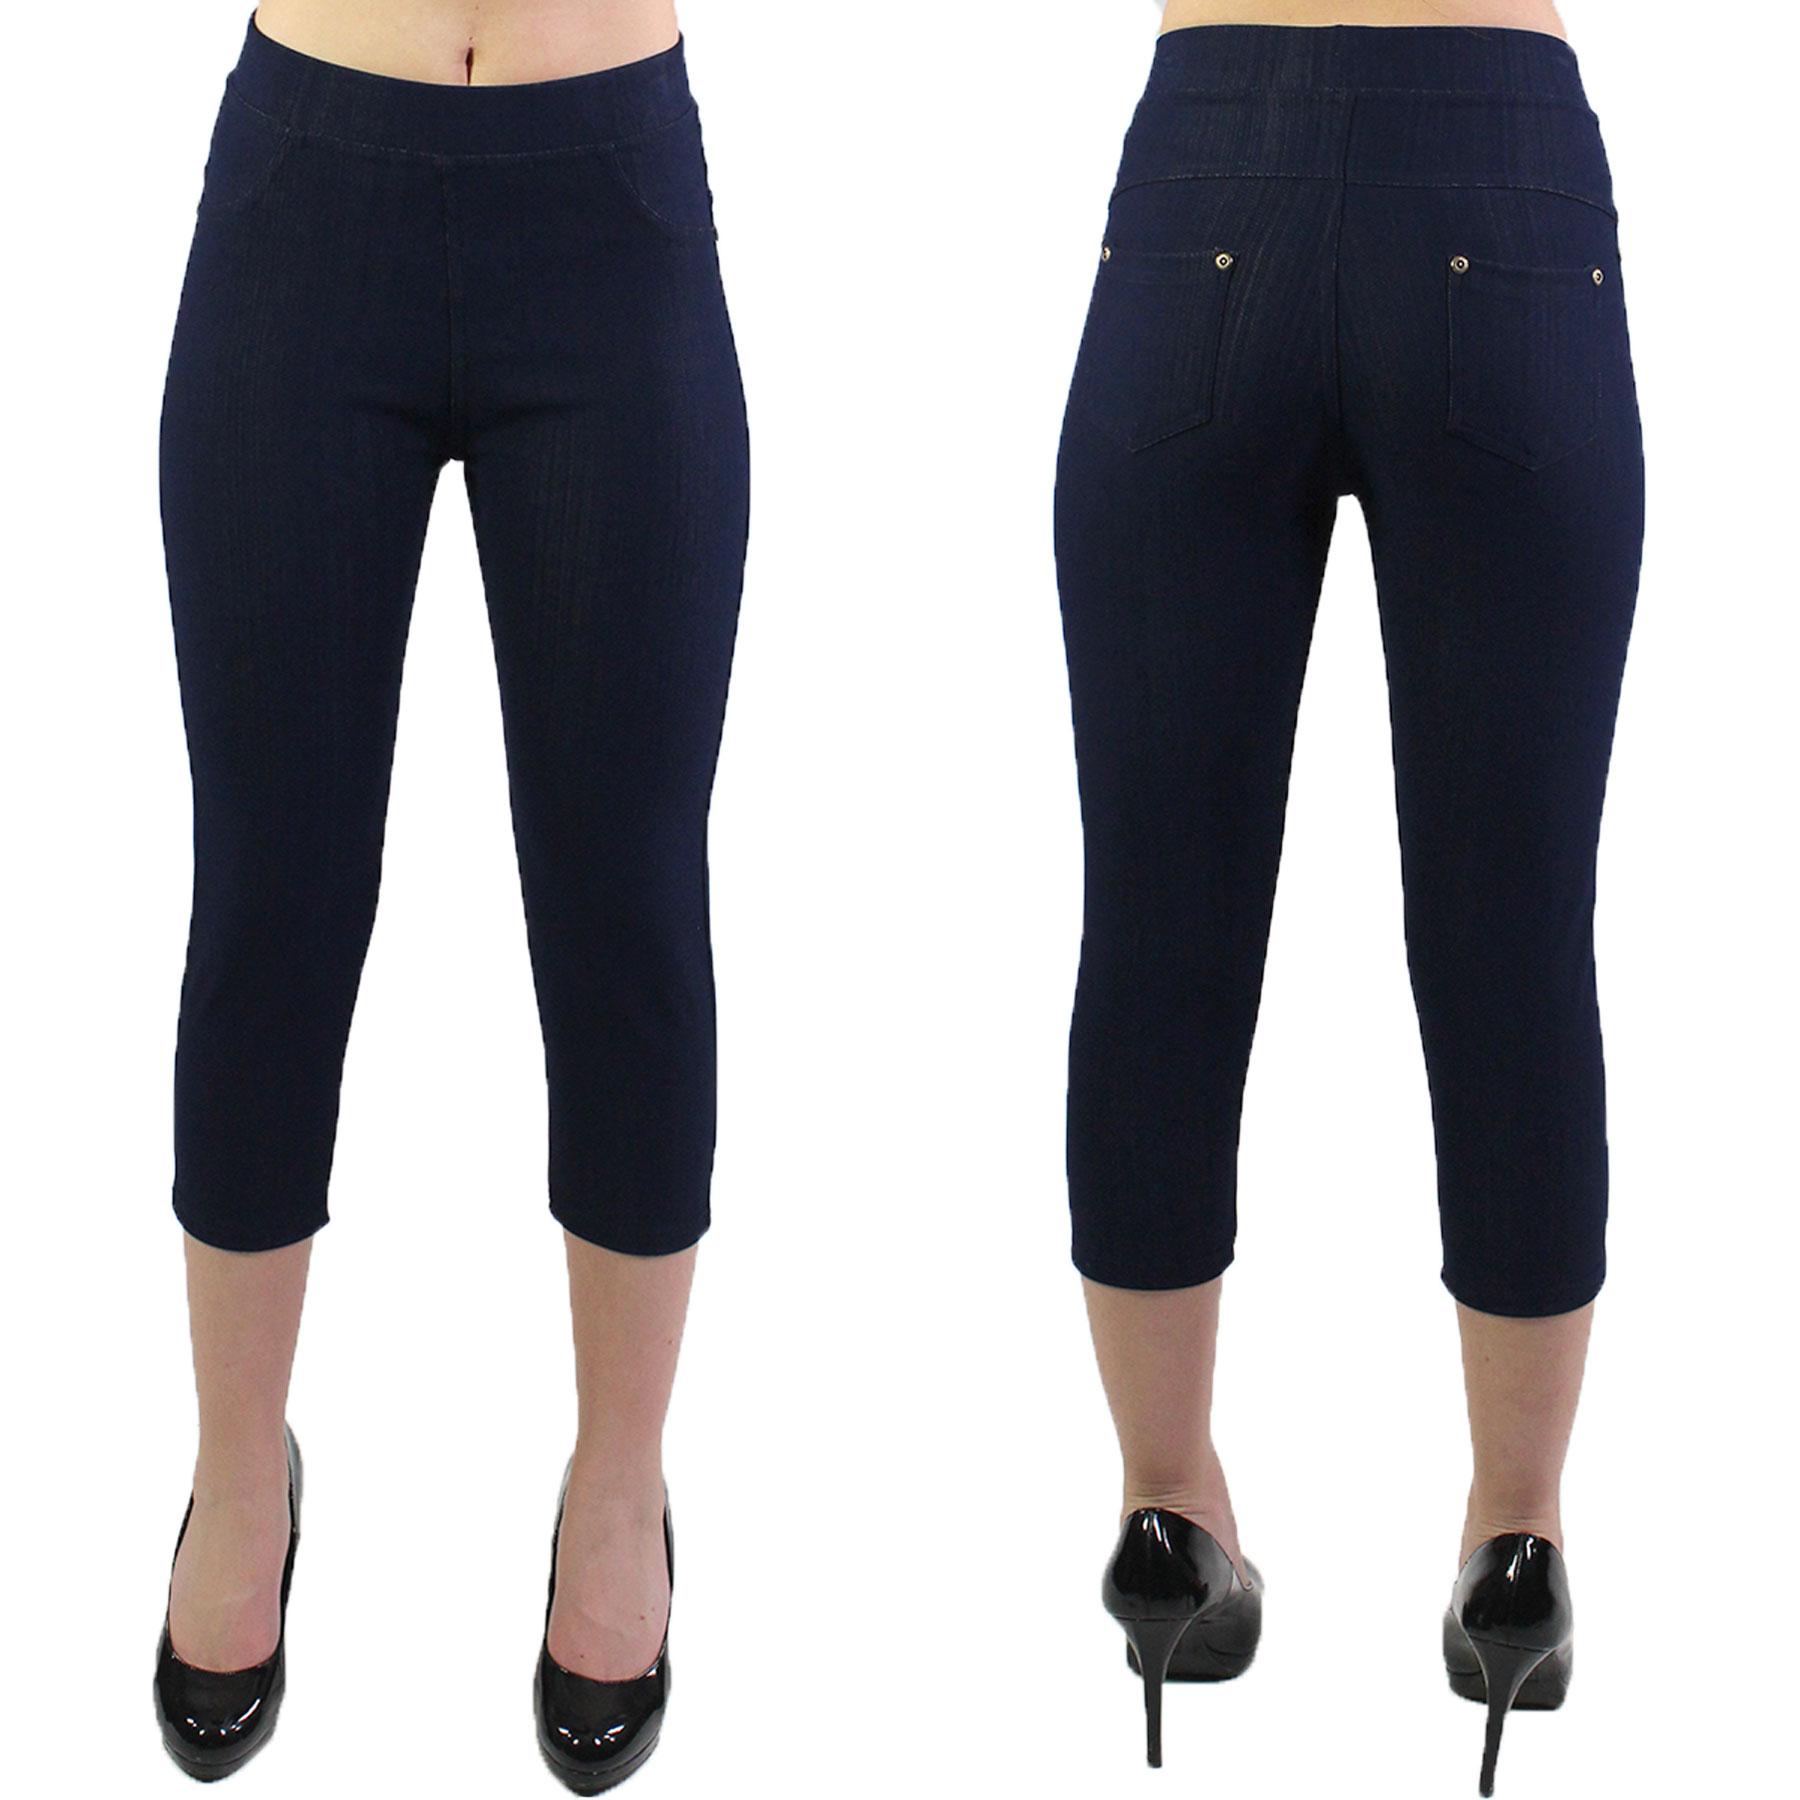 Denim Leggings - Capri Length w/ Back Pockets J04